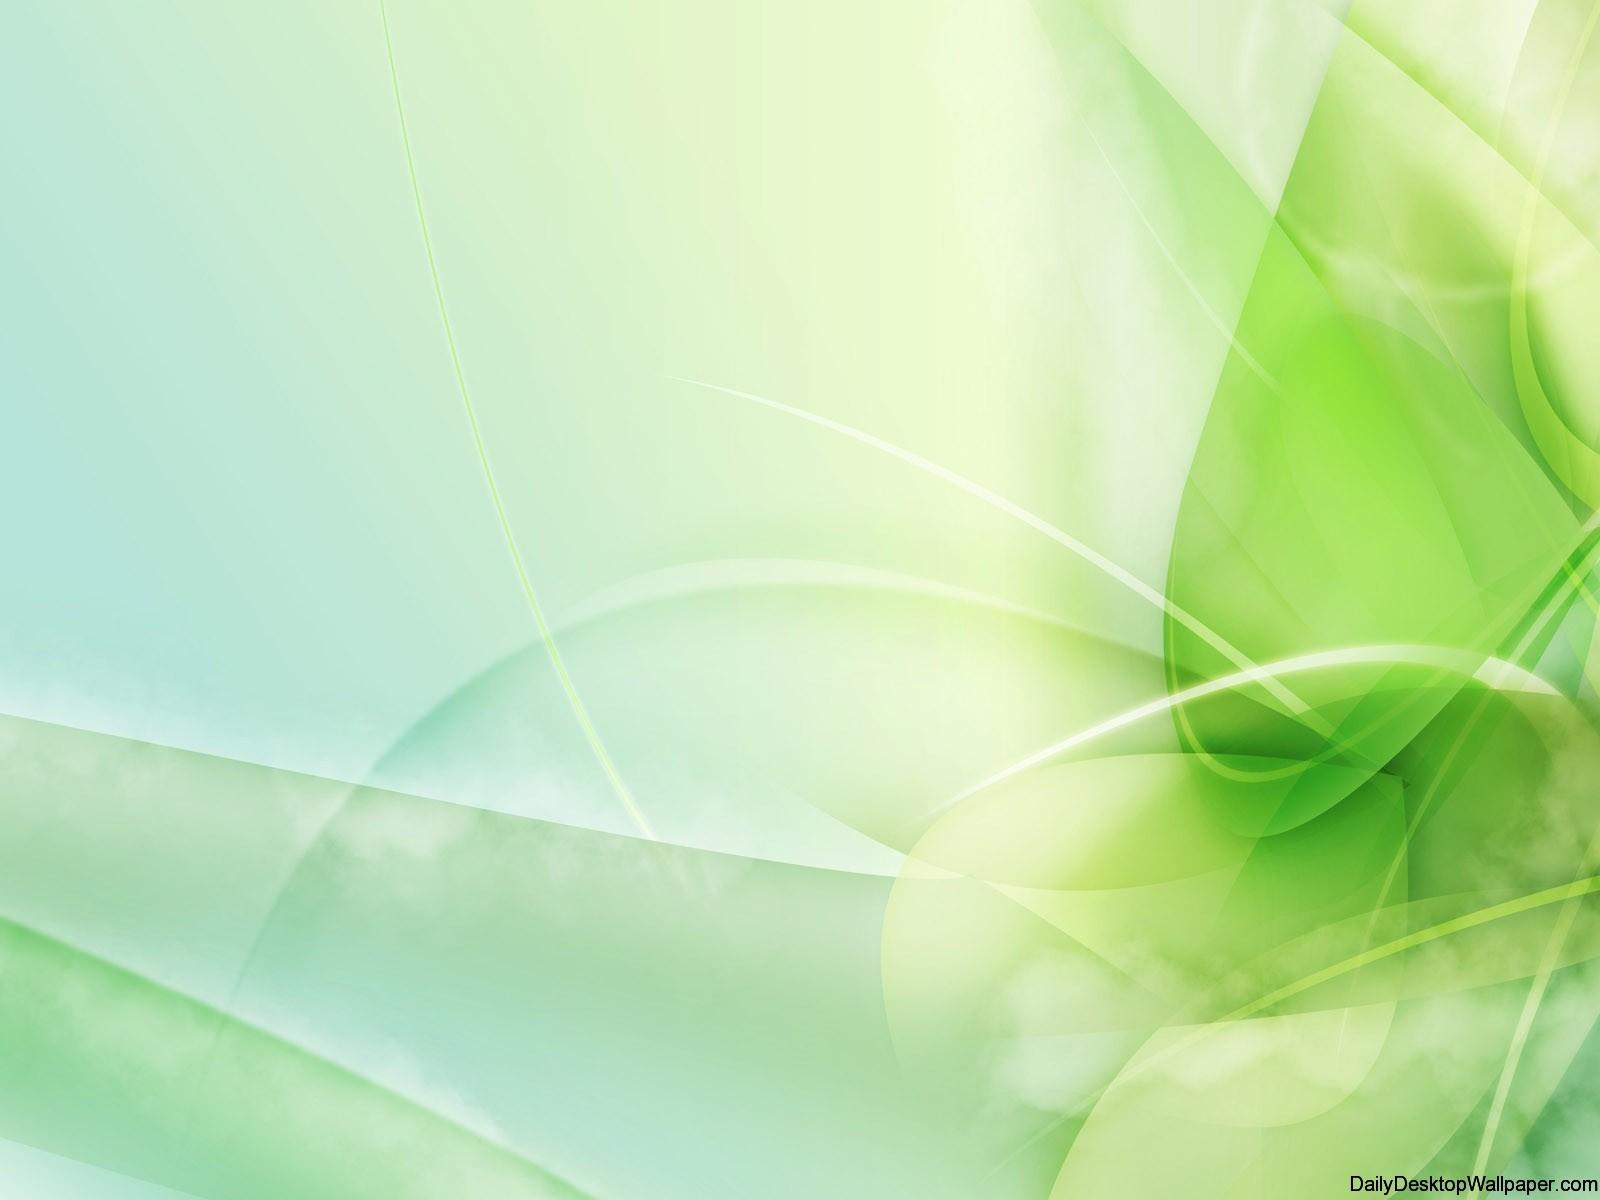 Green Abstract Wallpaper 9 Hd Wallpaper